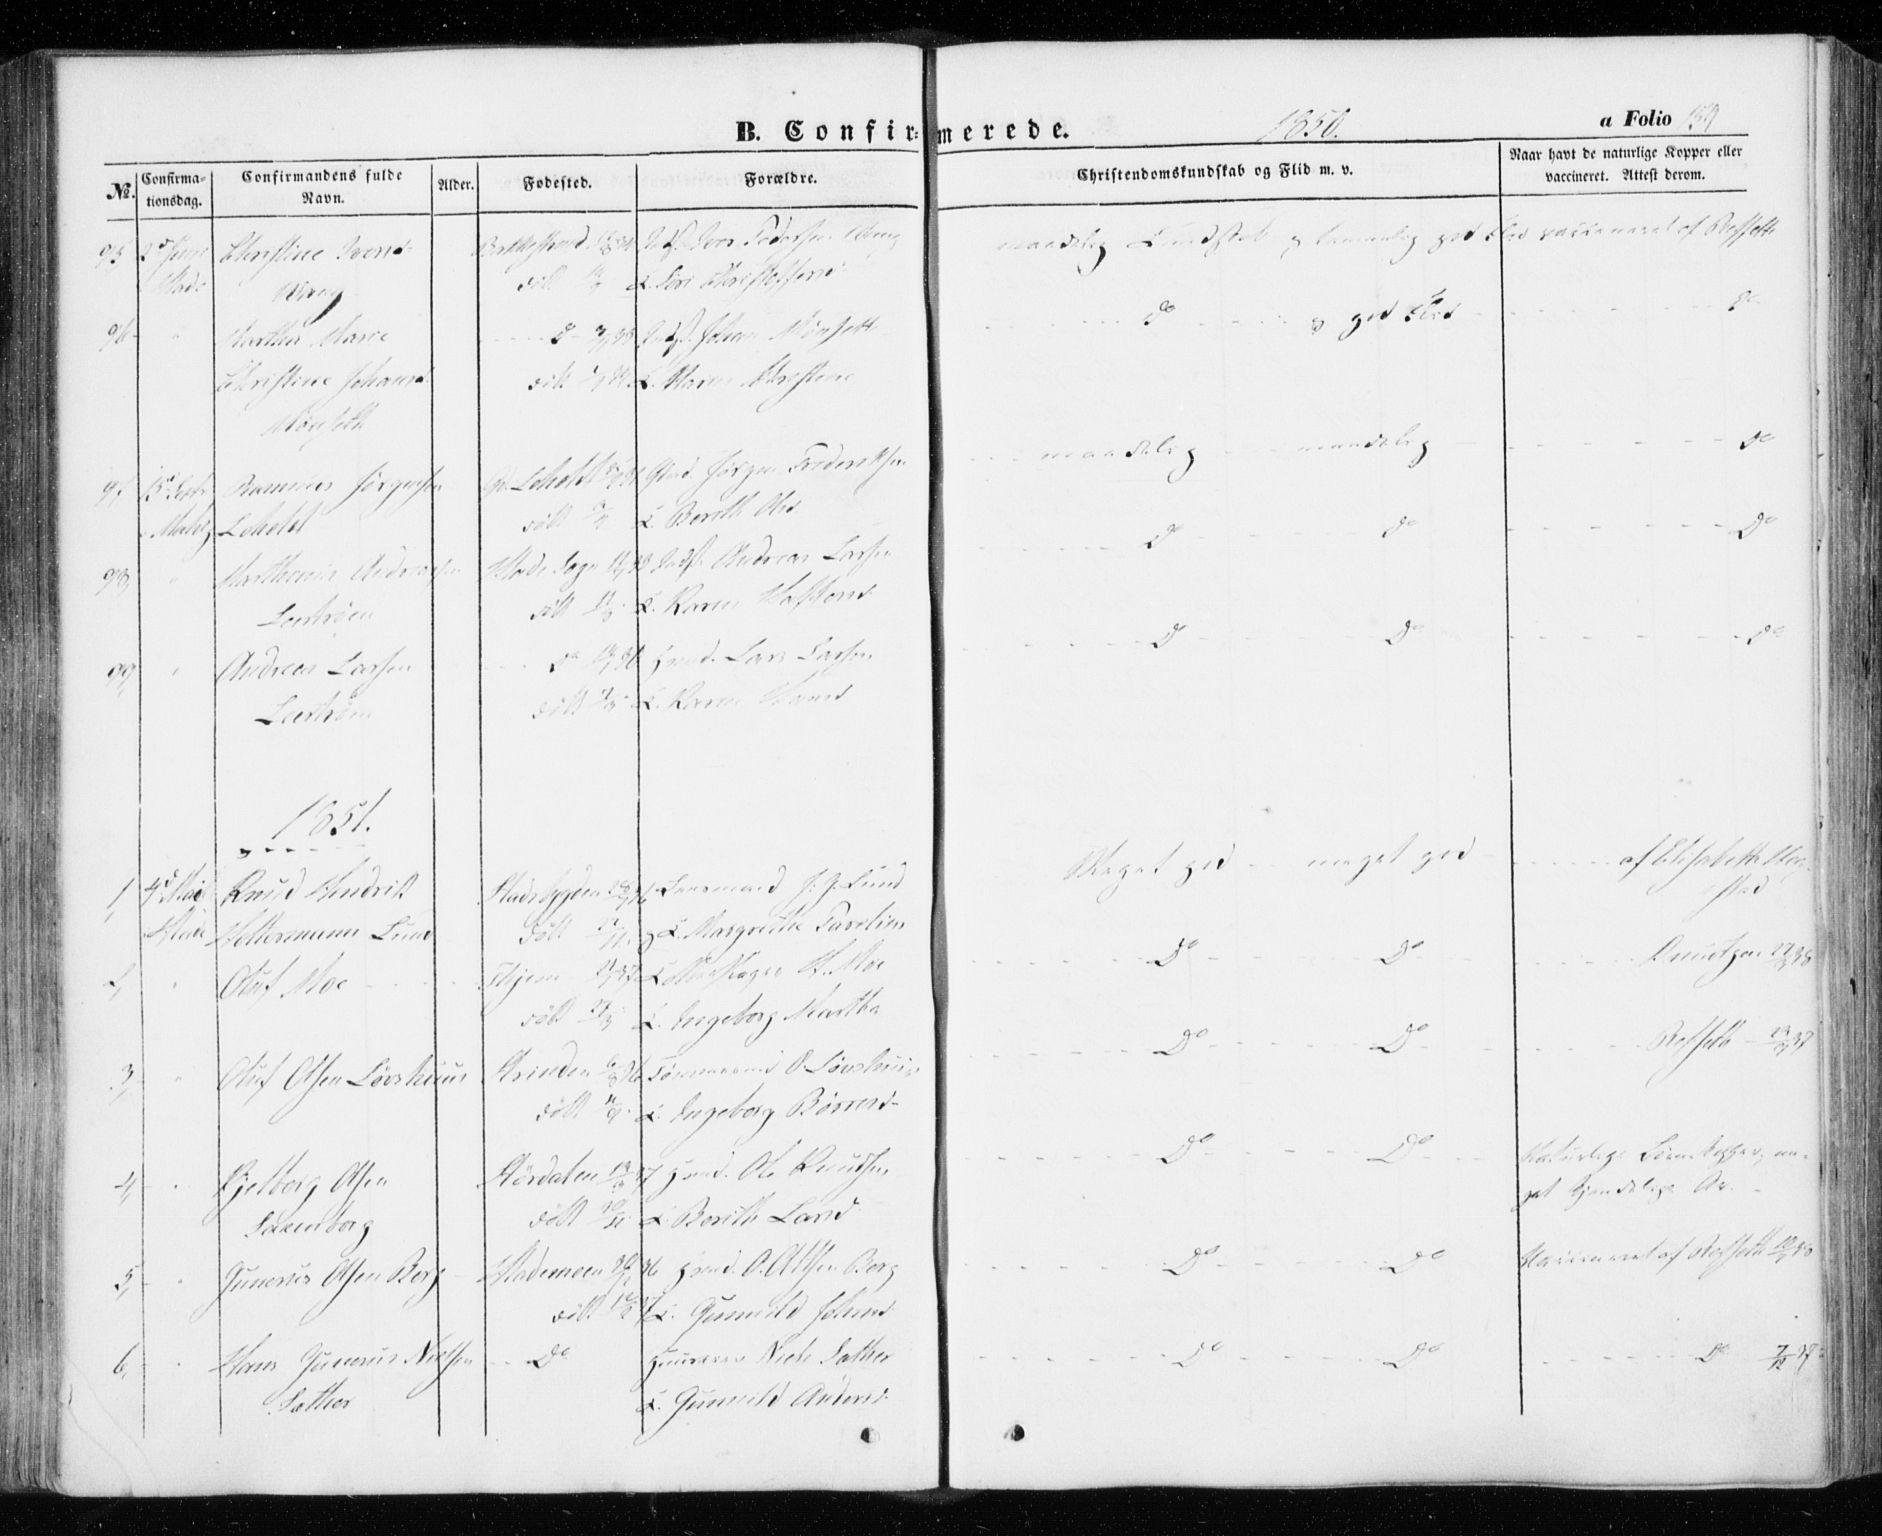 SAT, Ministerialprotokoller, klokkerbøker og fødselsregistre - Sør-Trøndelag, 606/L0291: Ministerialbok nr. 606A06, 1848-1856, s. 159